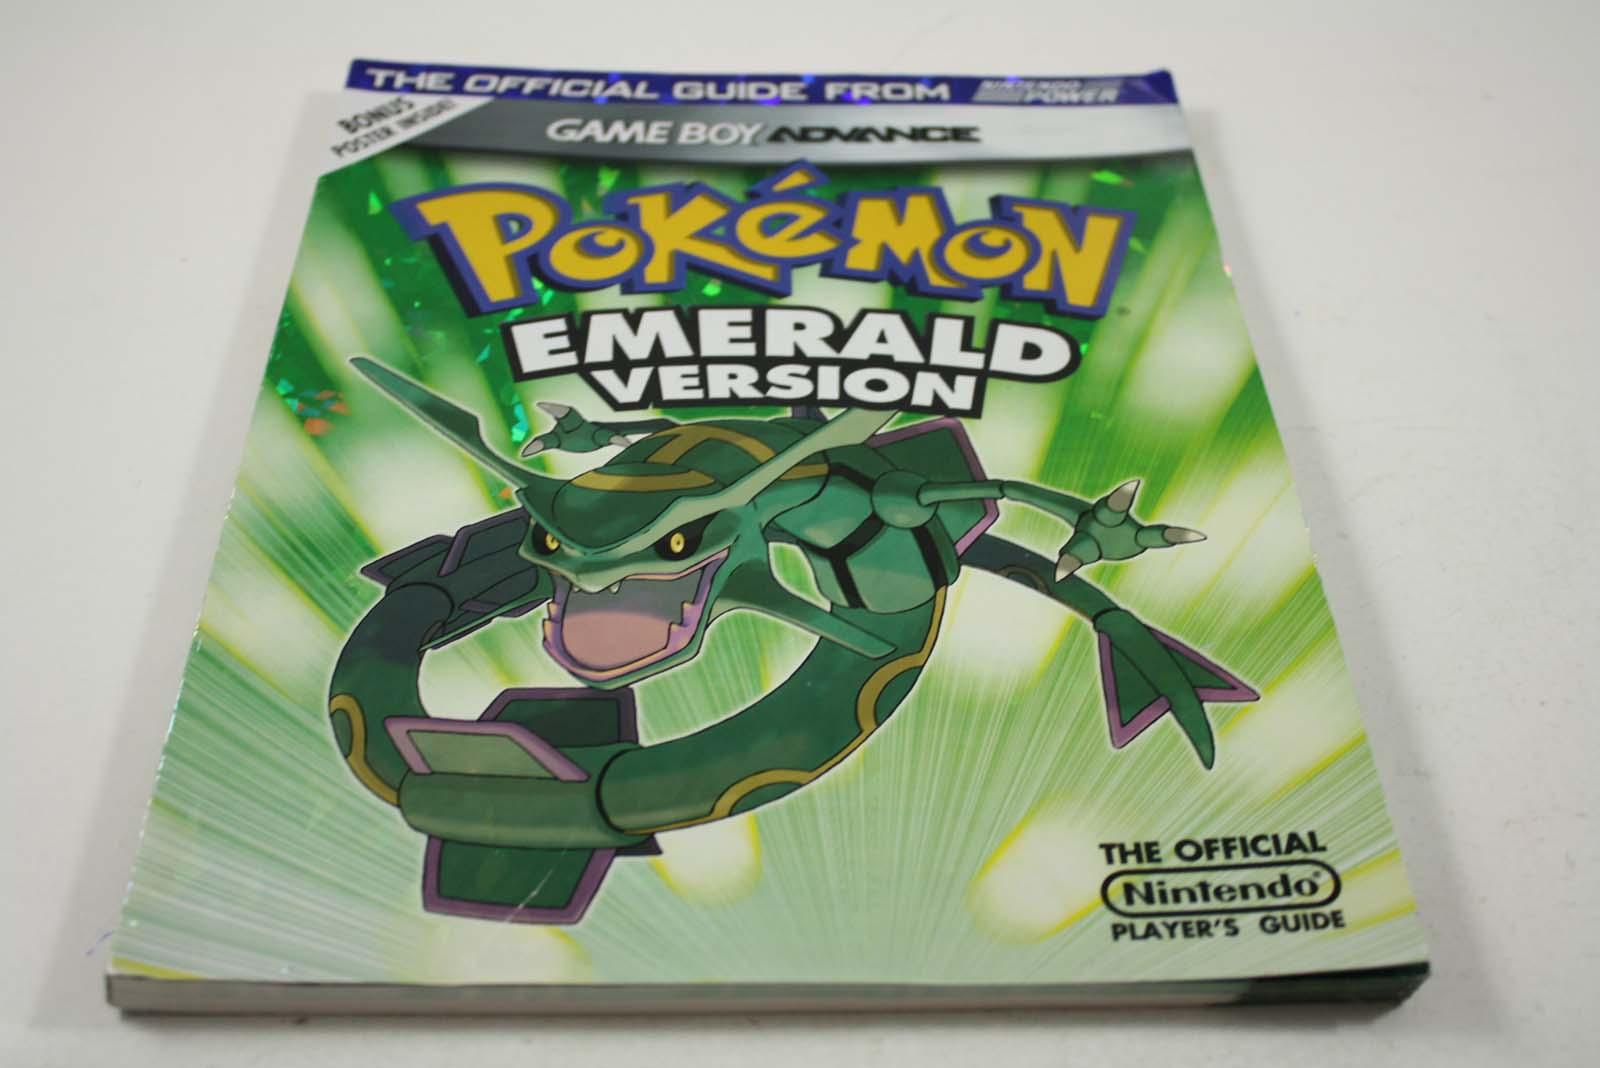 Pokemon Emerald Version (Nintendo Power)